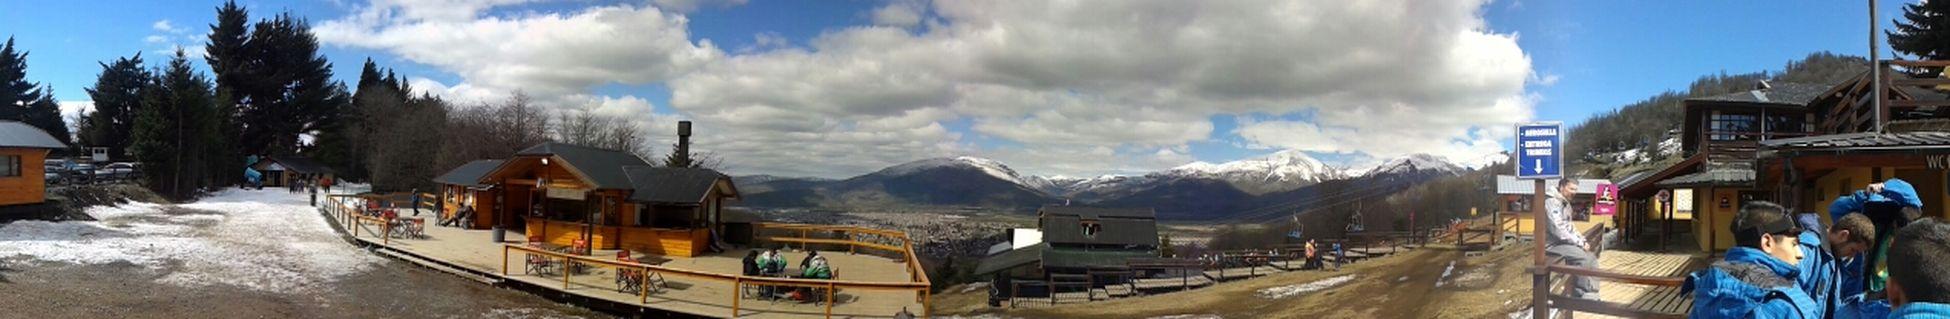 Cerro Otto Piedras Blancas Culipatin Bariloche